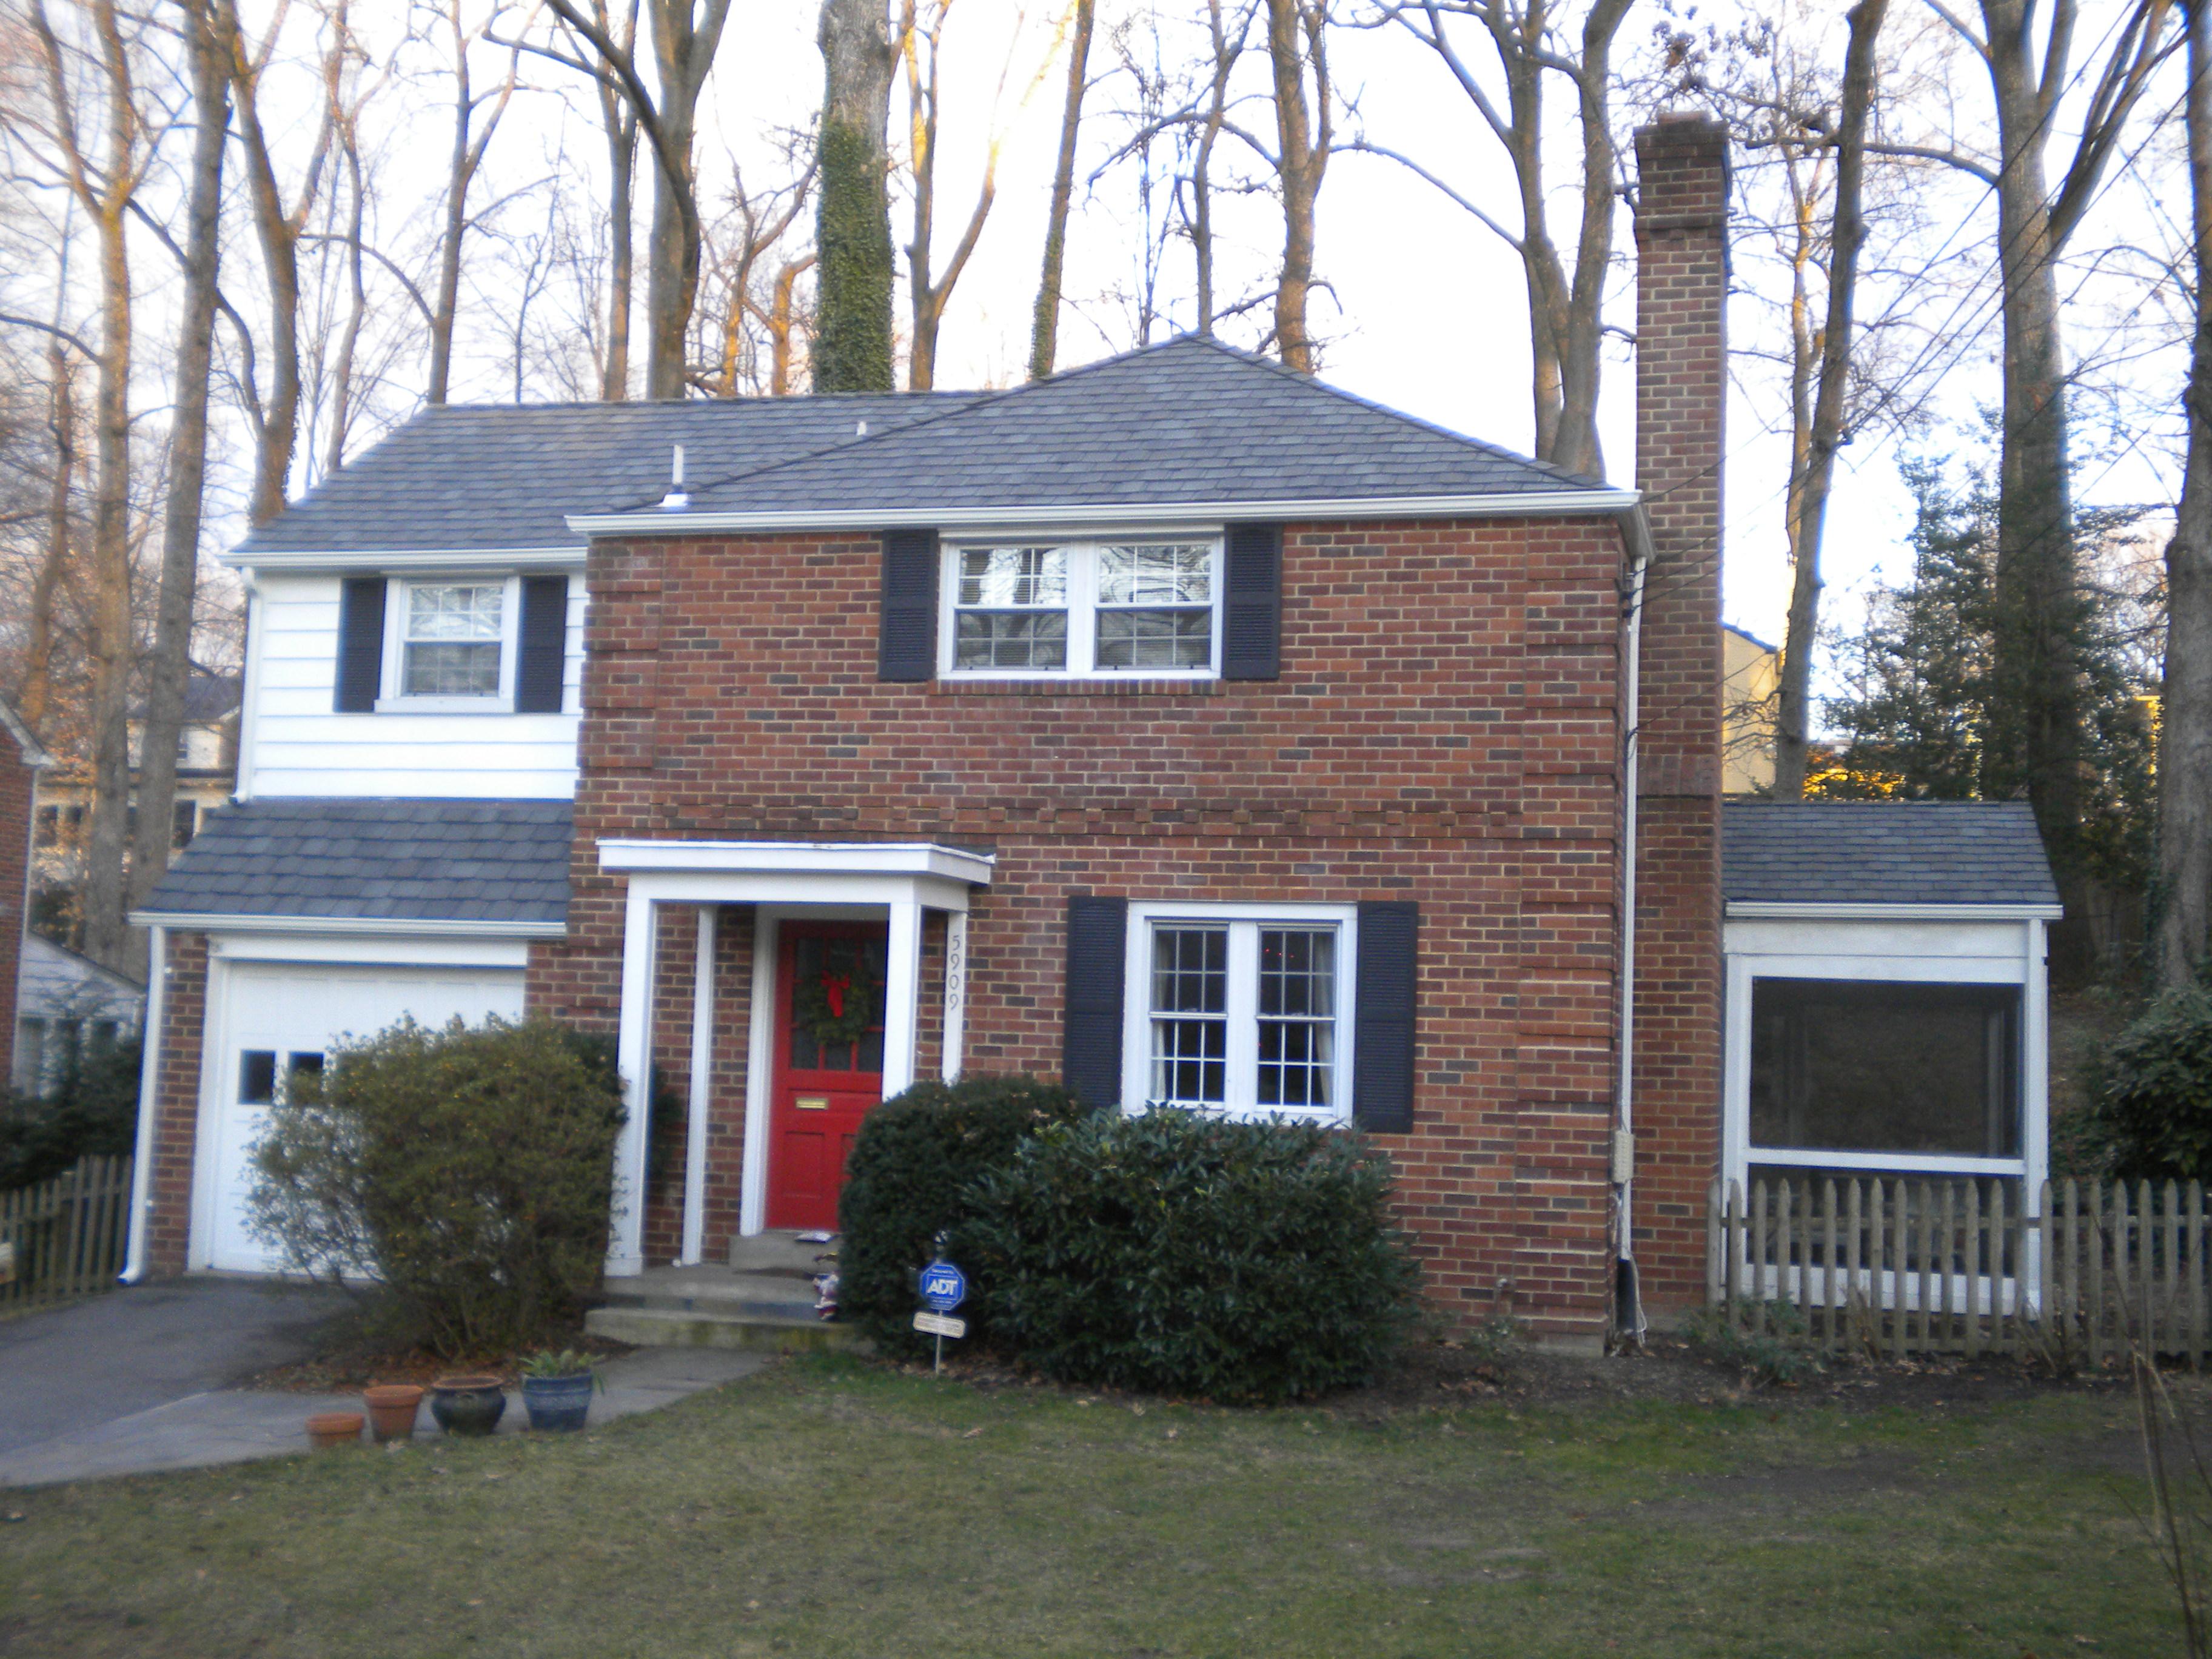 Dscn1271 Bradley Construction Inc Home Remodeling